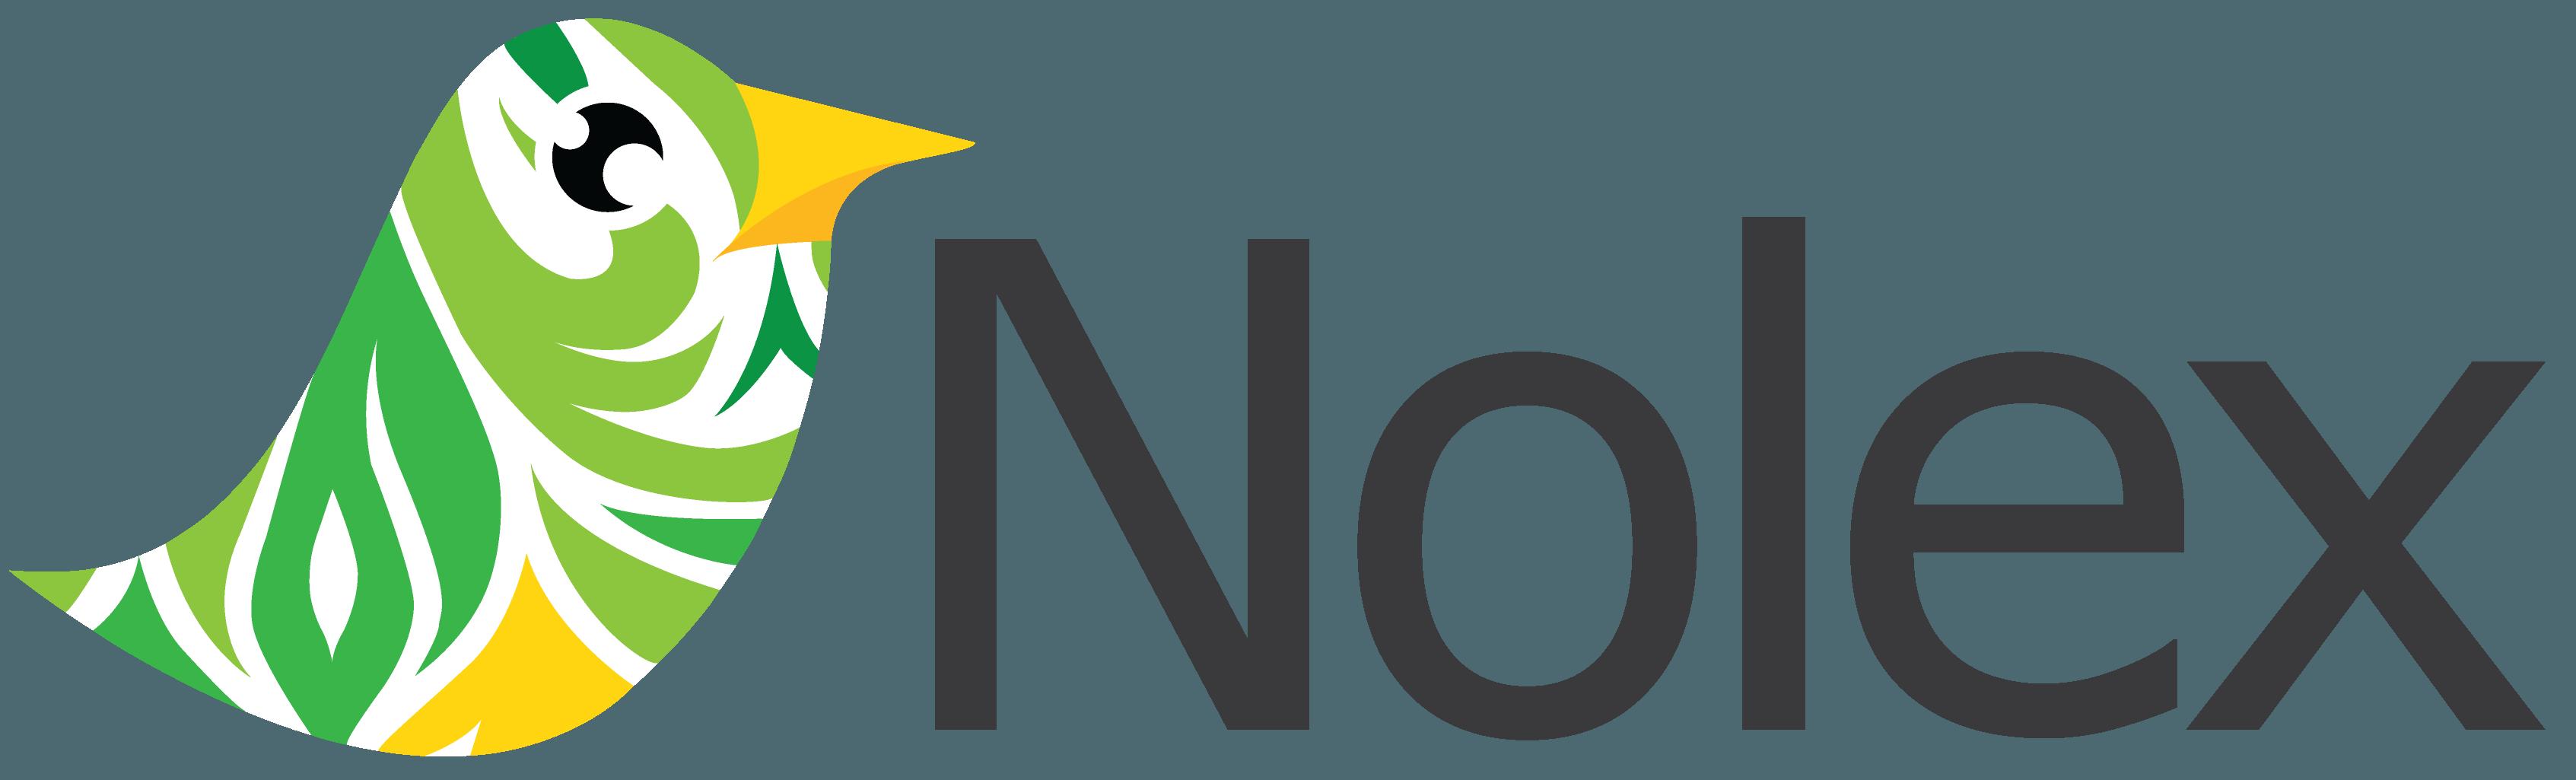 Designbureau Nolex